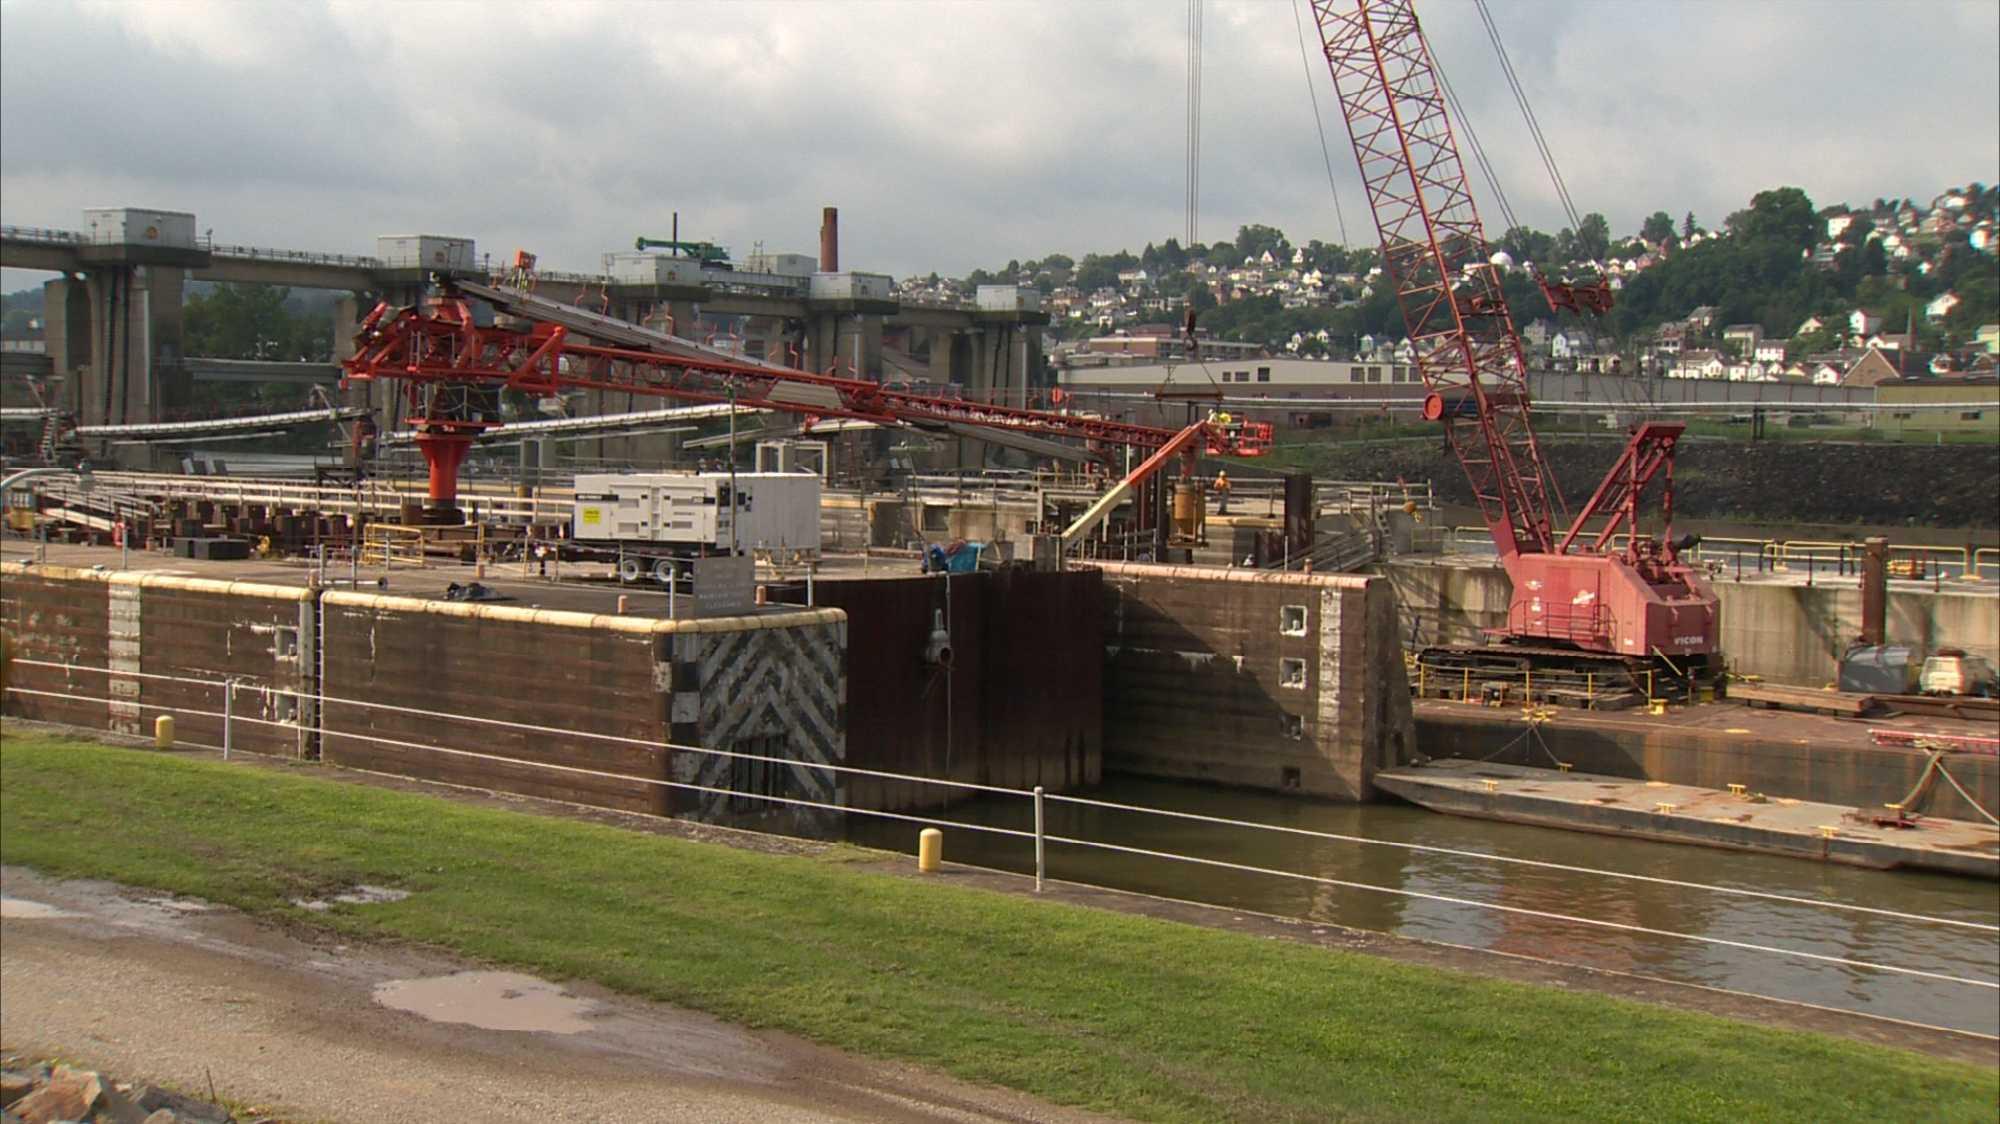 Charleroi Locks and Dam